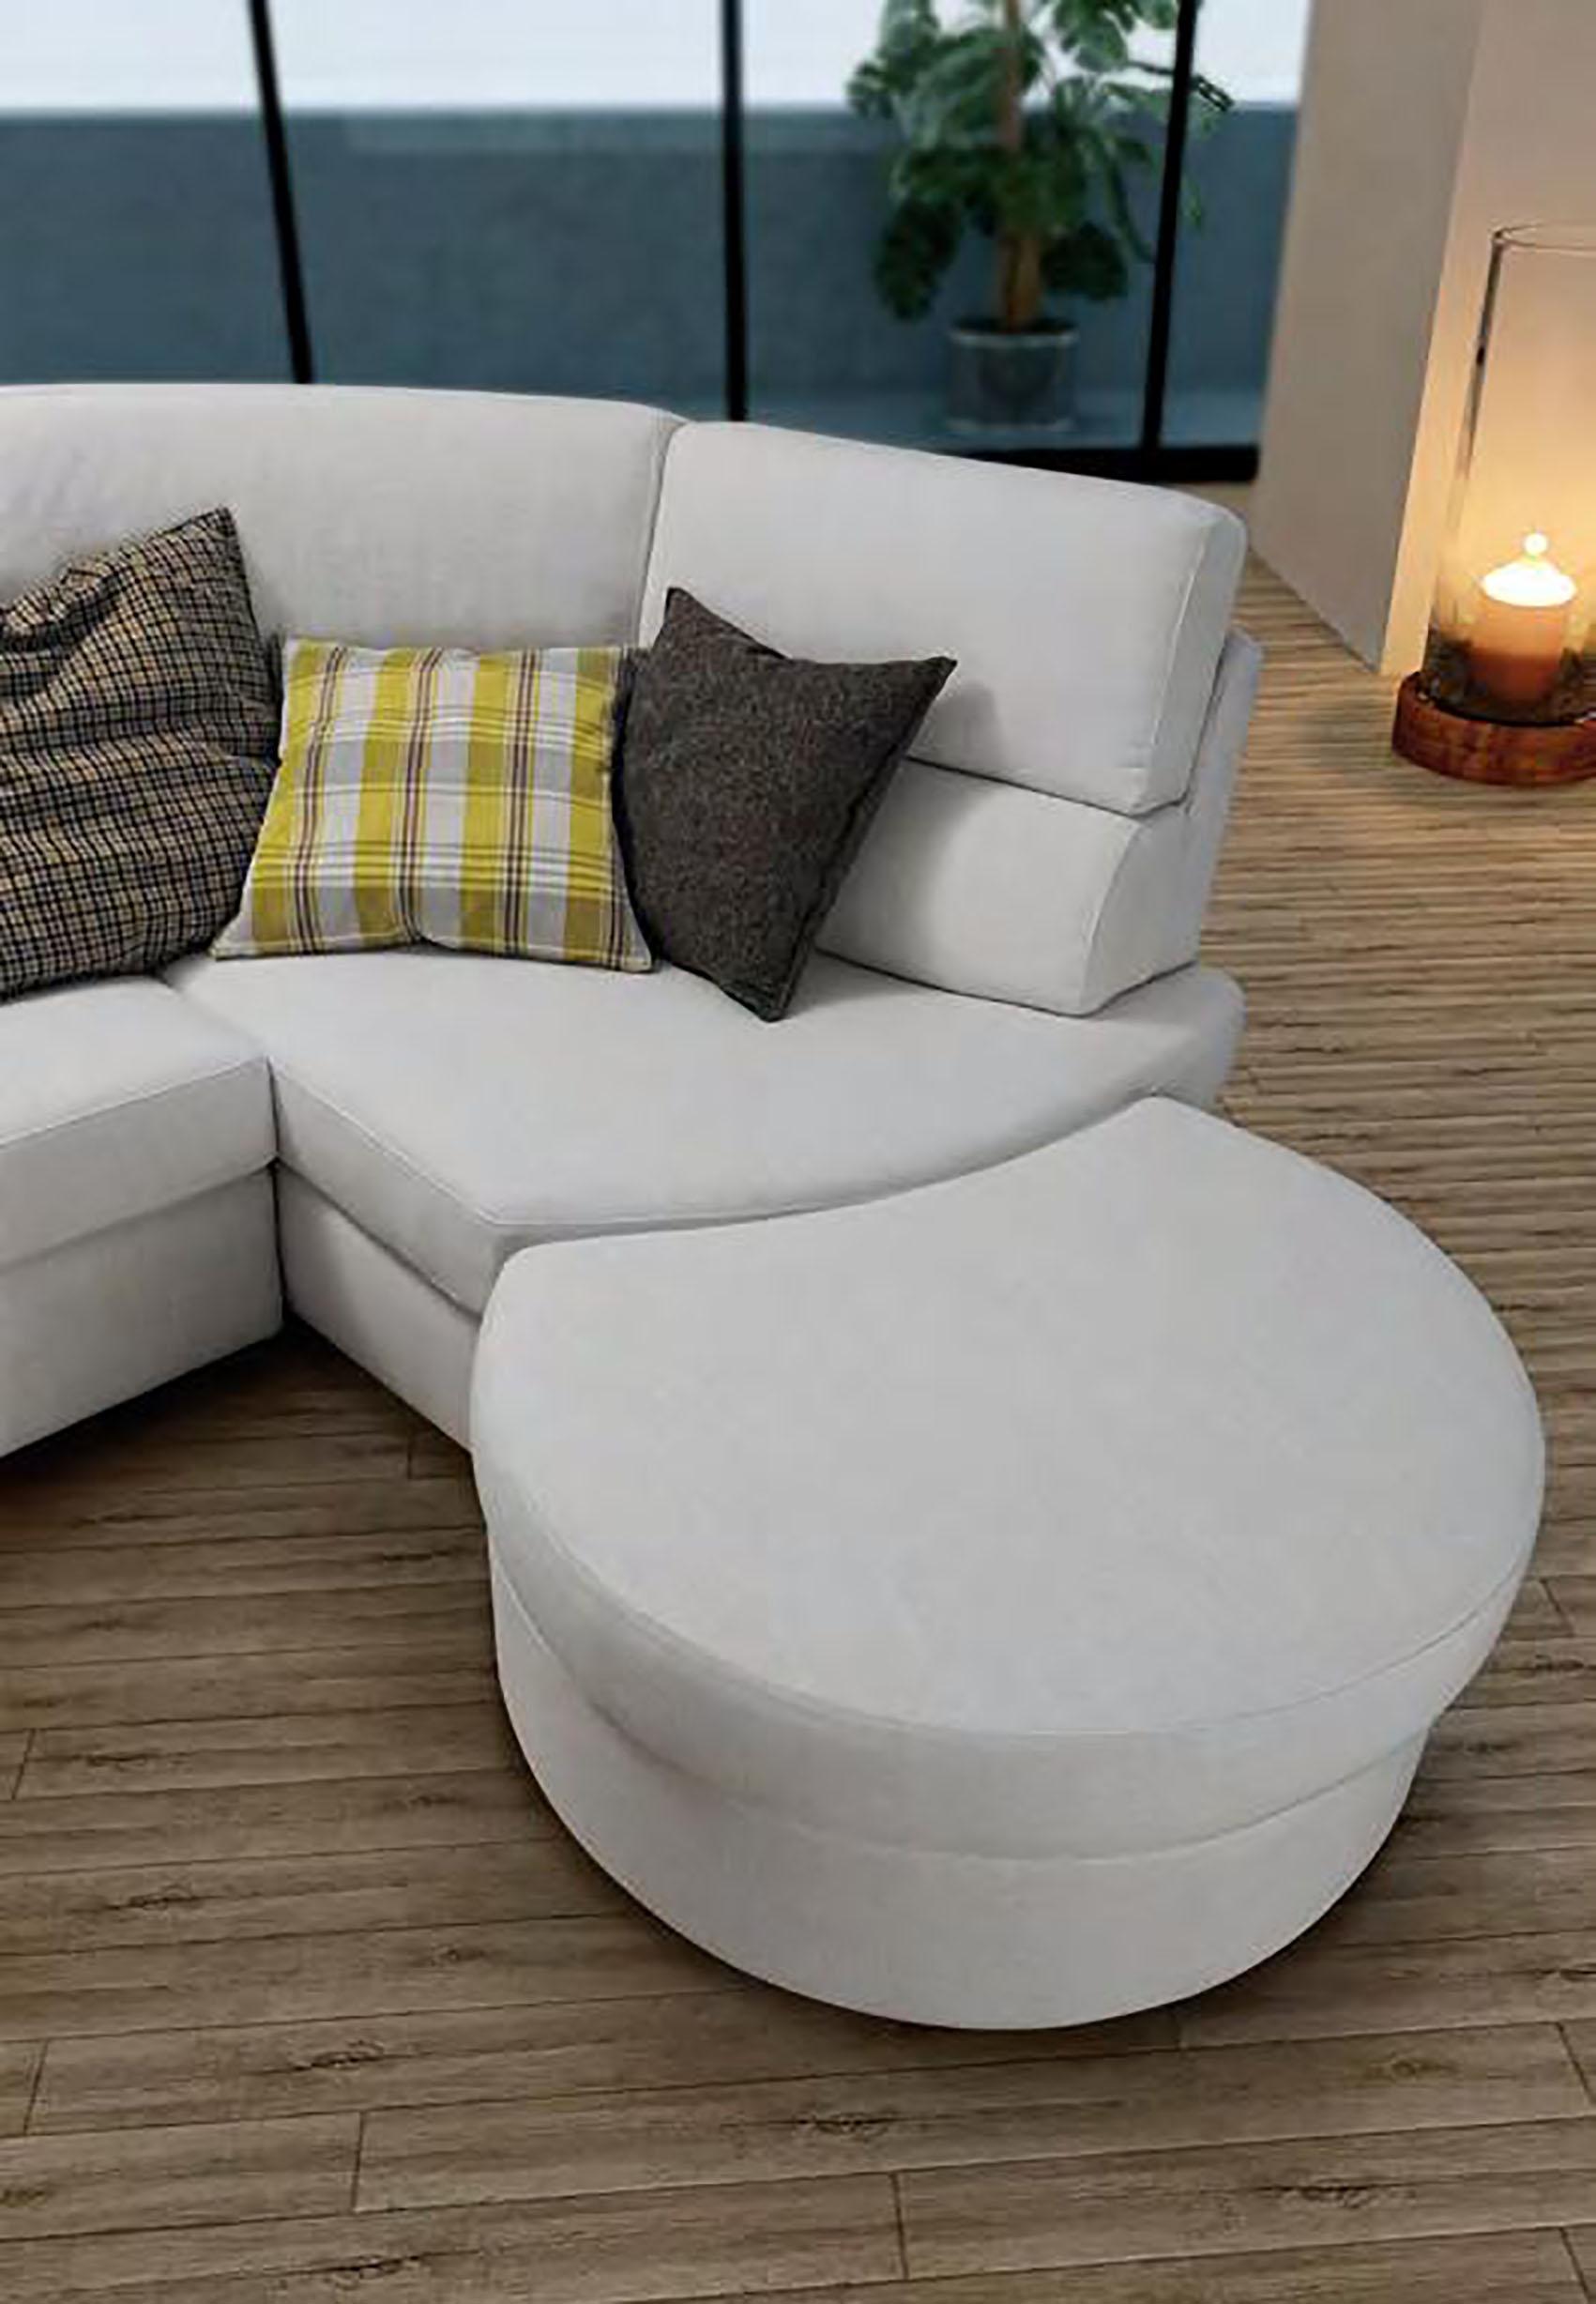 Divano con chaise longue in tessuto modello rubino errebi - Divano con chaise longue ...